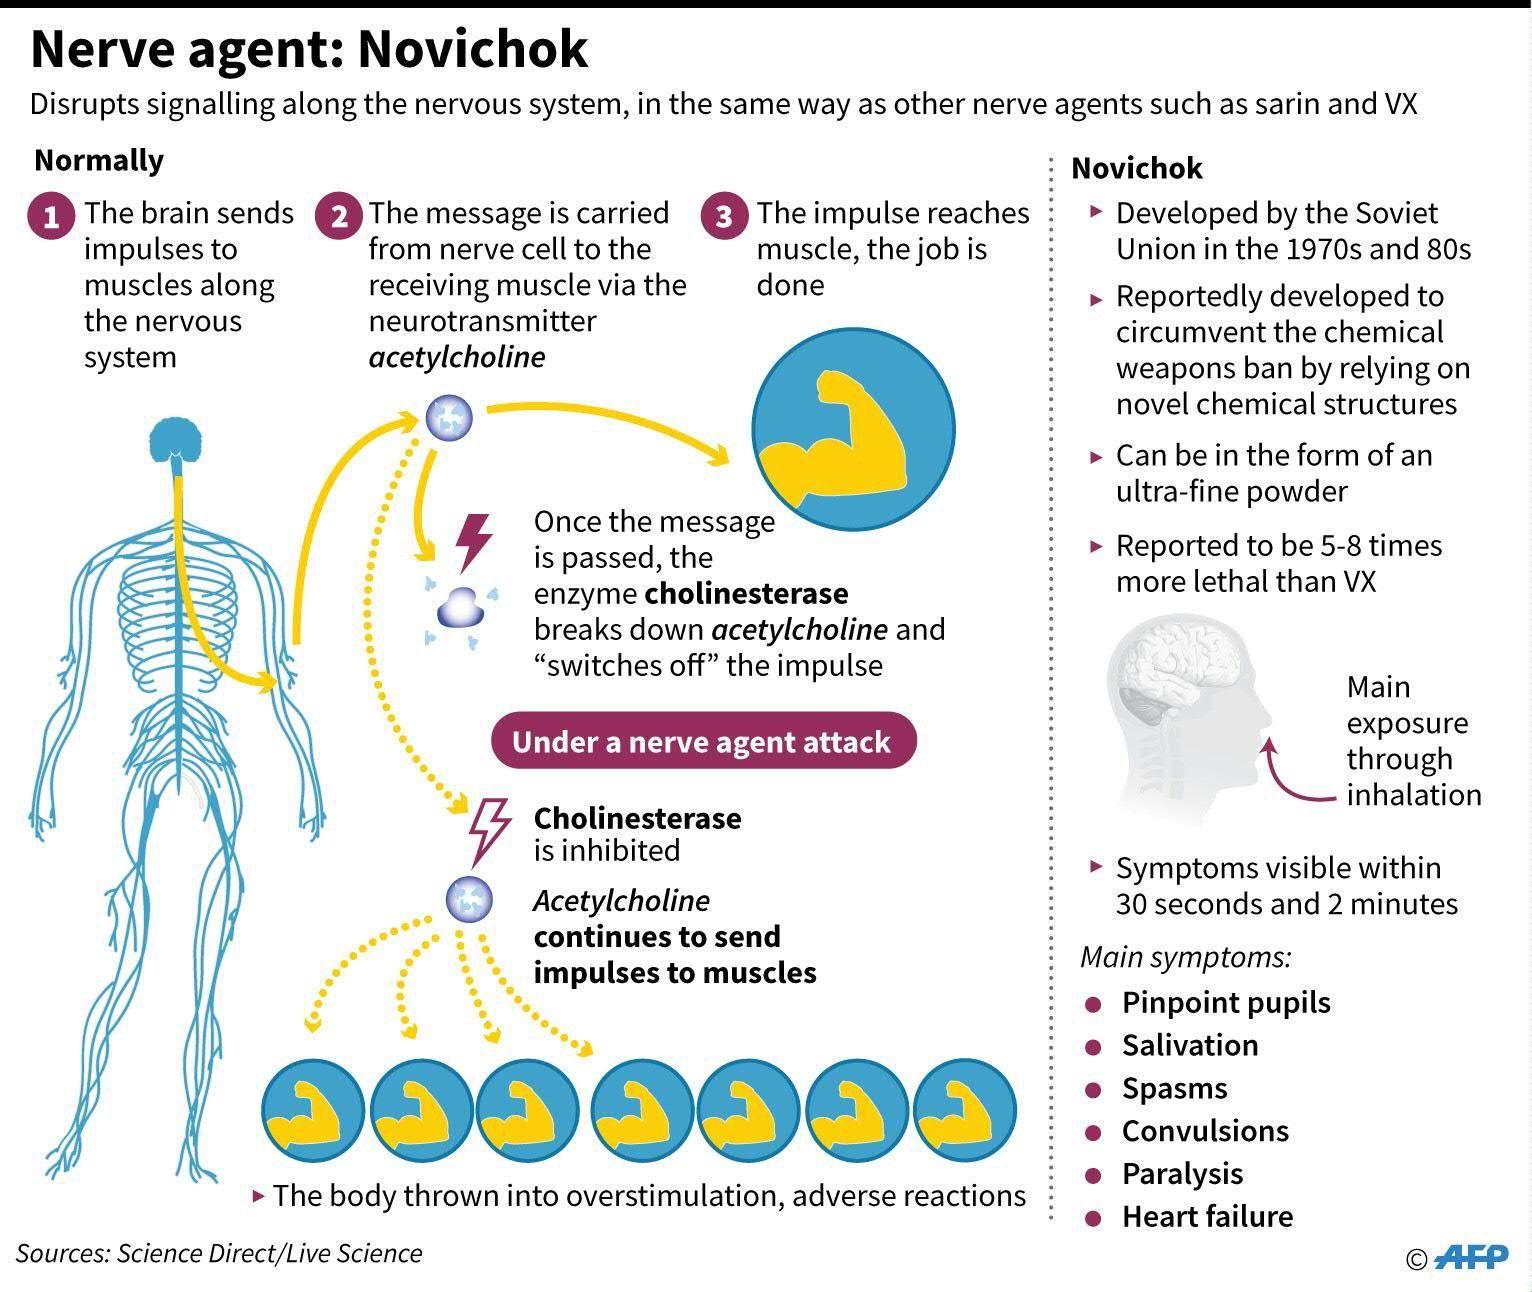 Nerve Agent Novichok